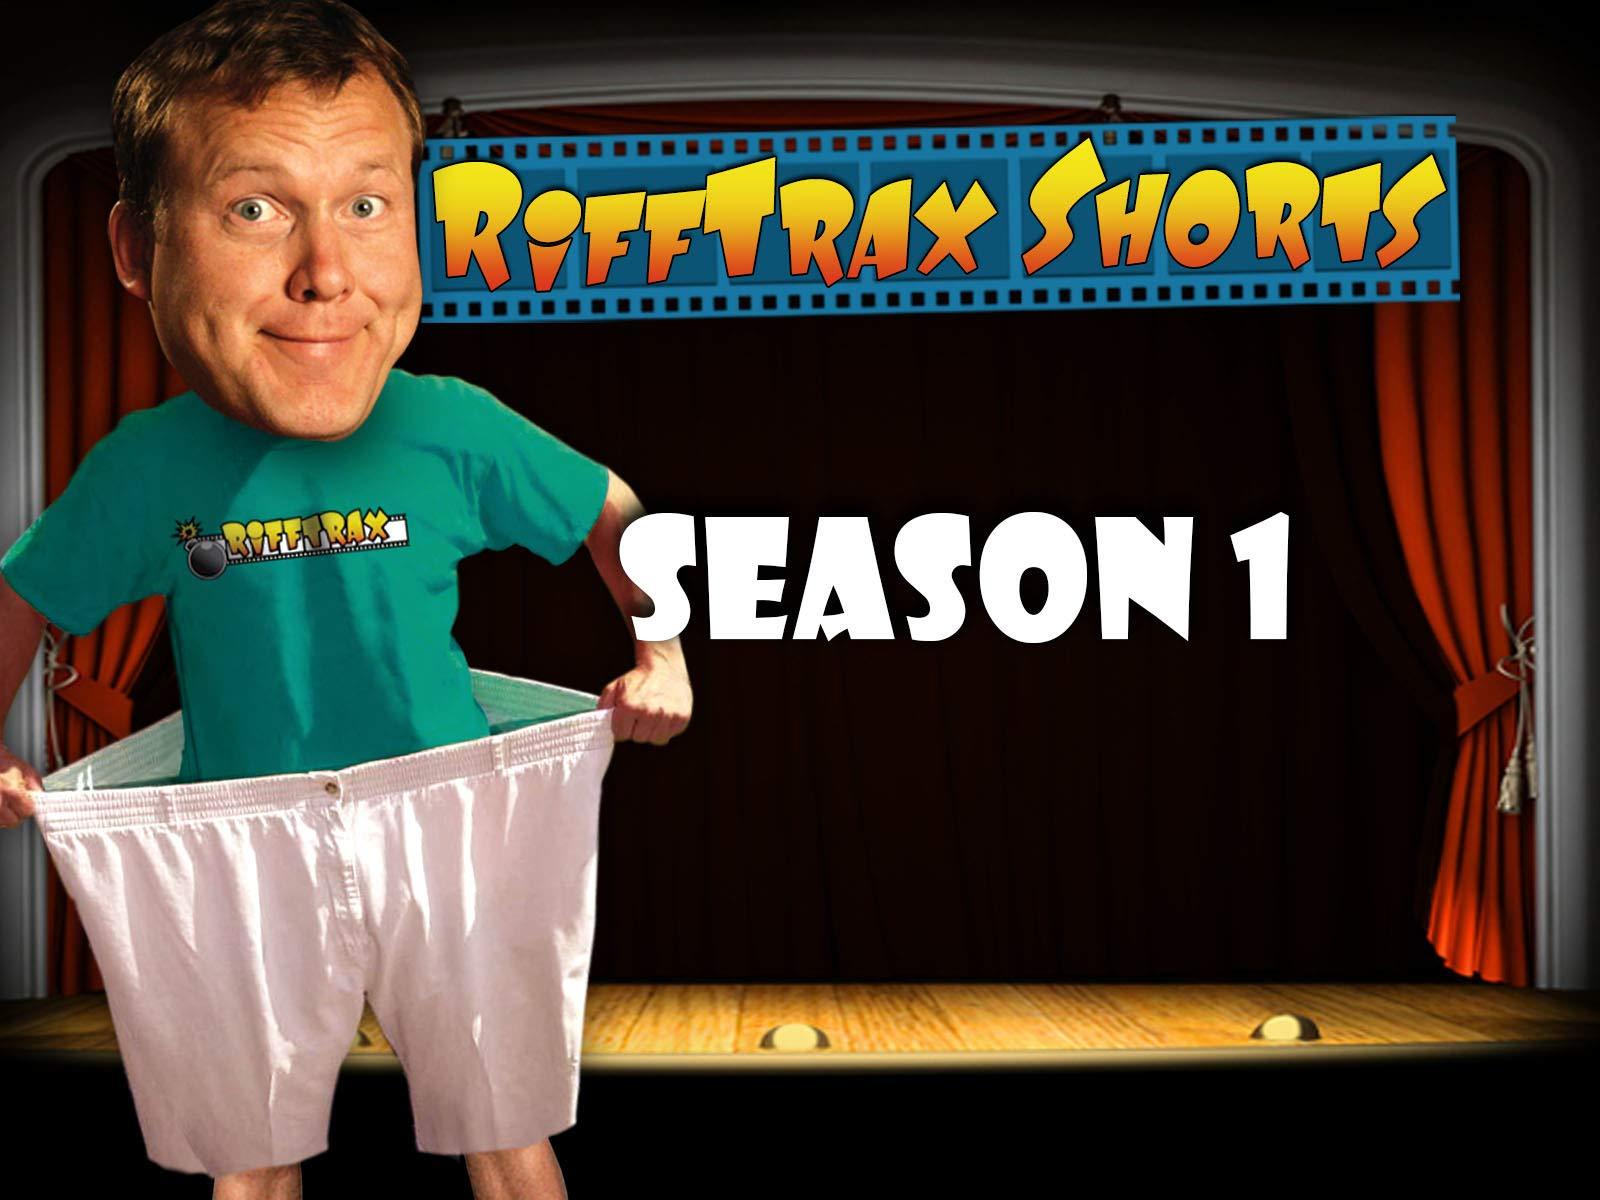 RiffTrax Shorts